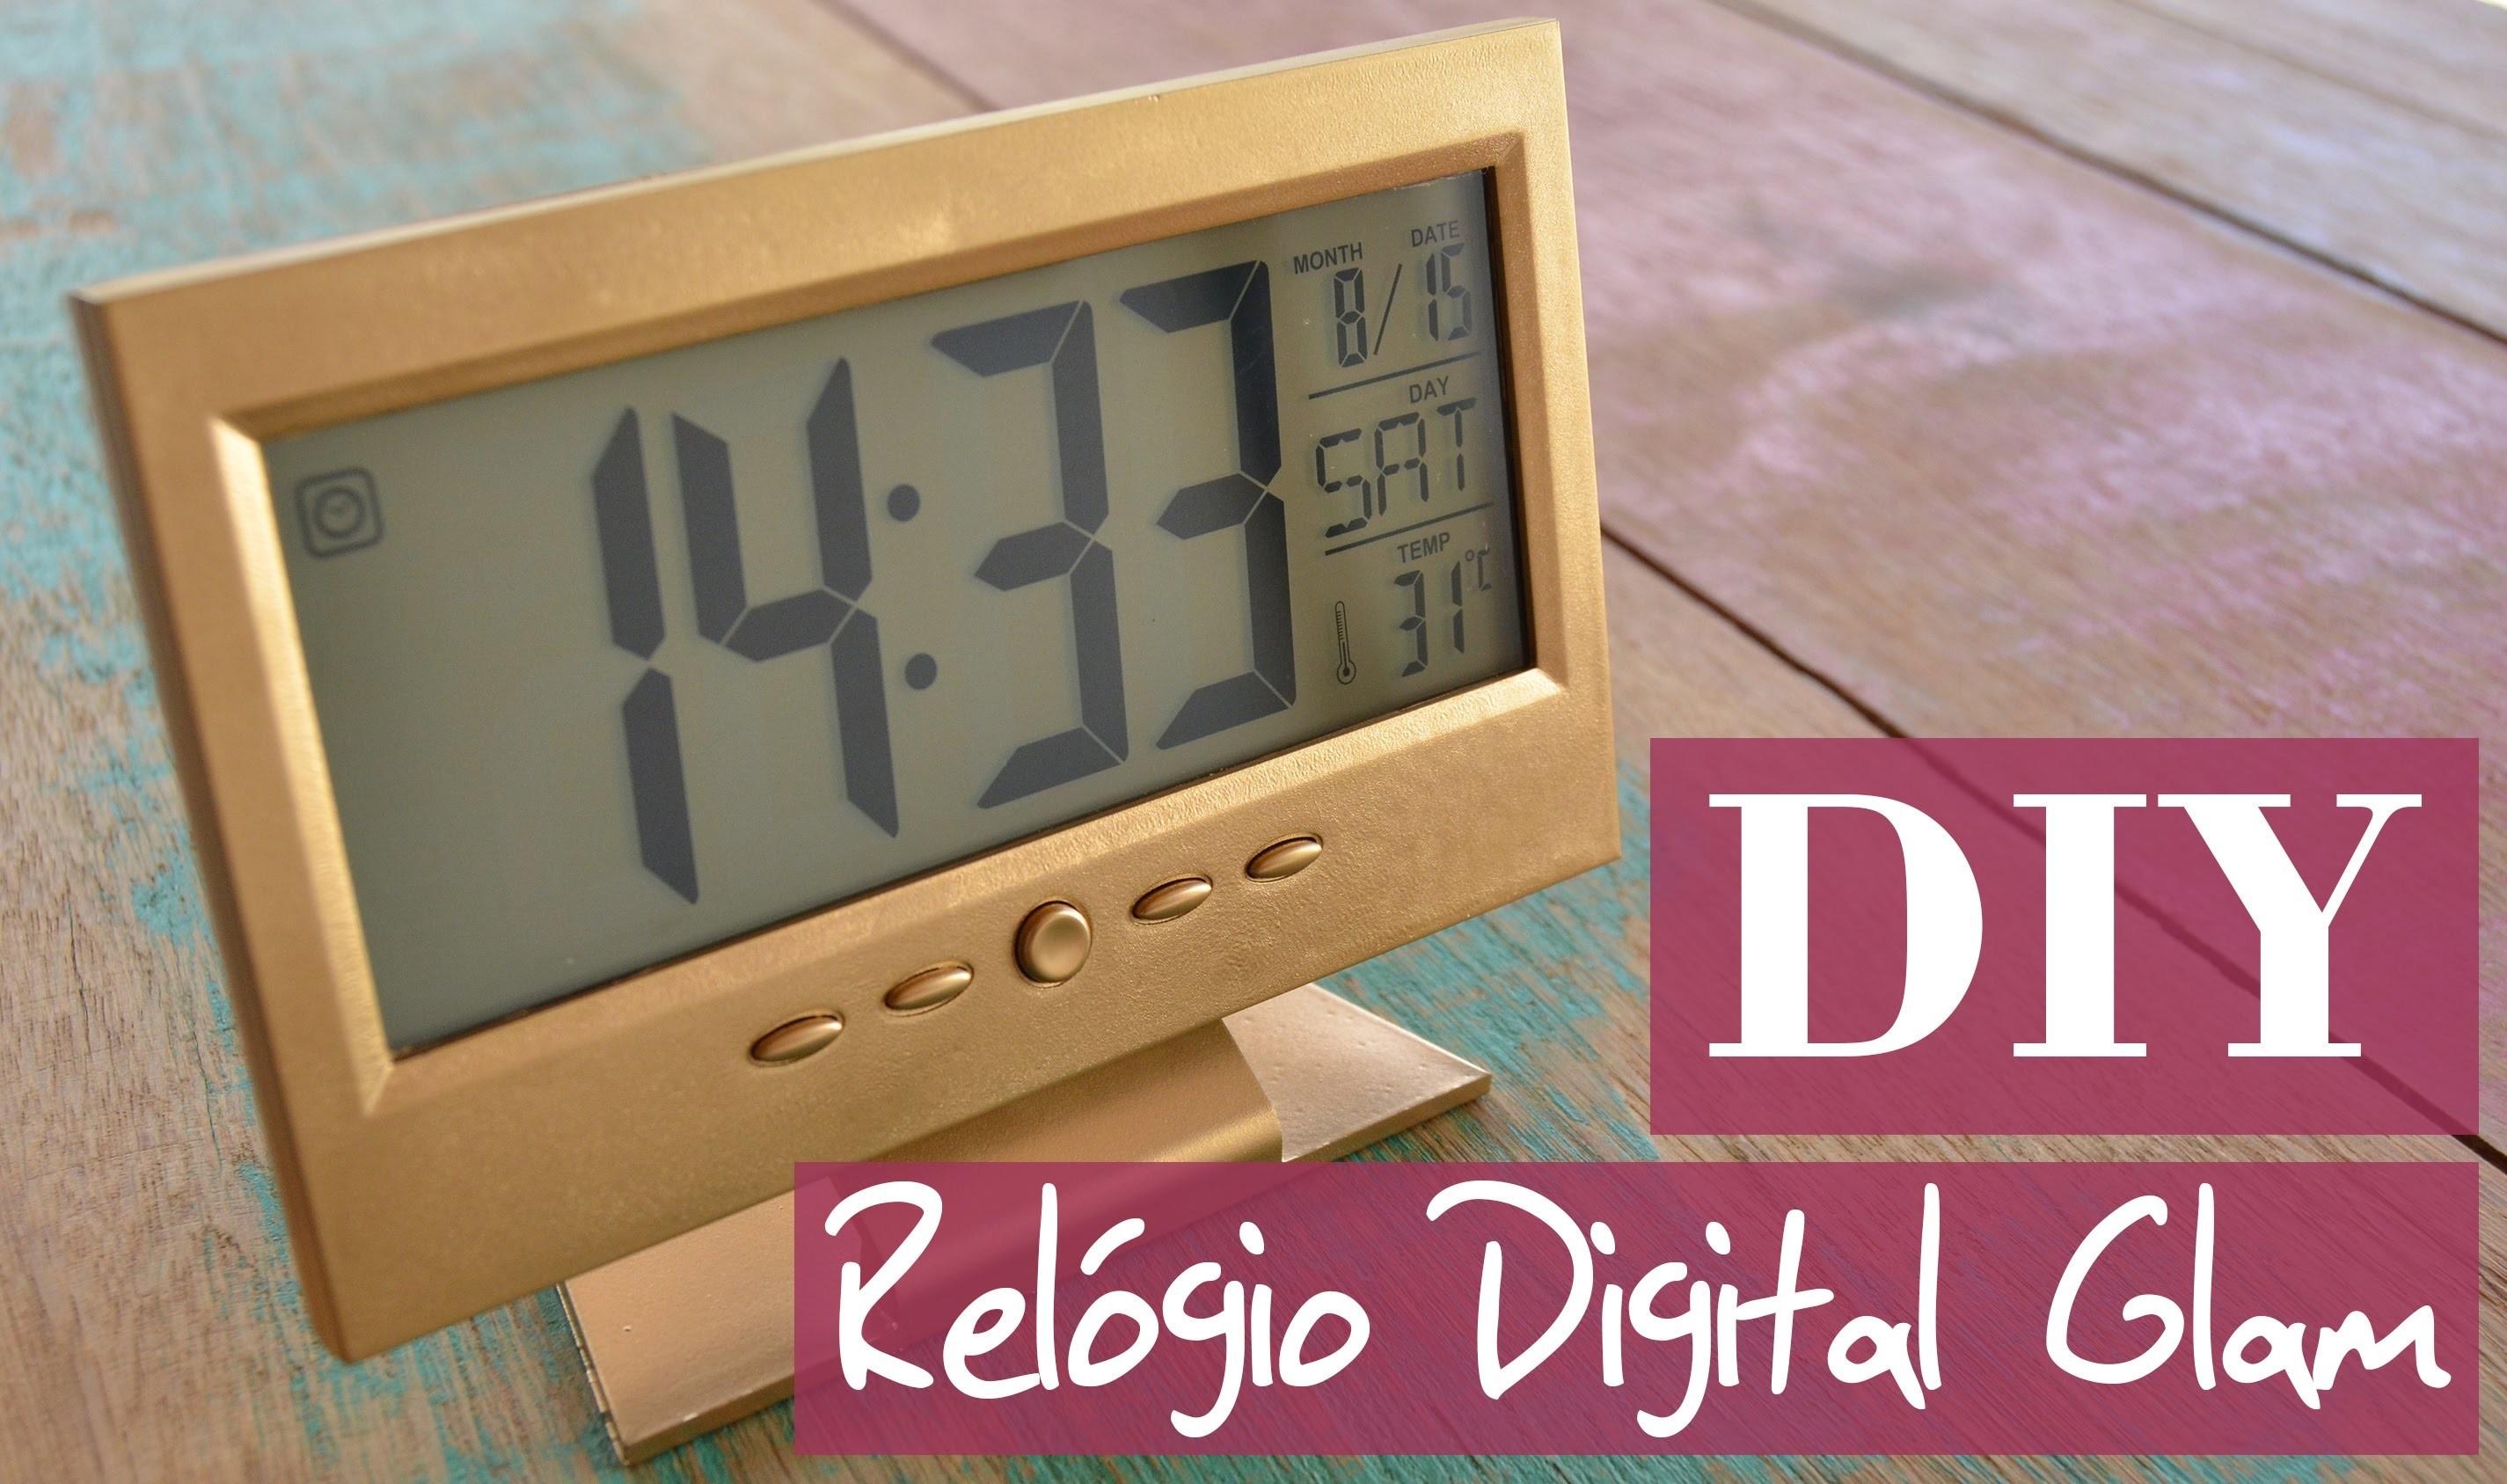 DIY   Como dar um Up em um relógio digital comum - TUTORIAL